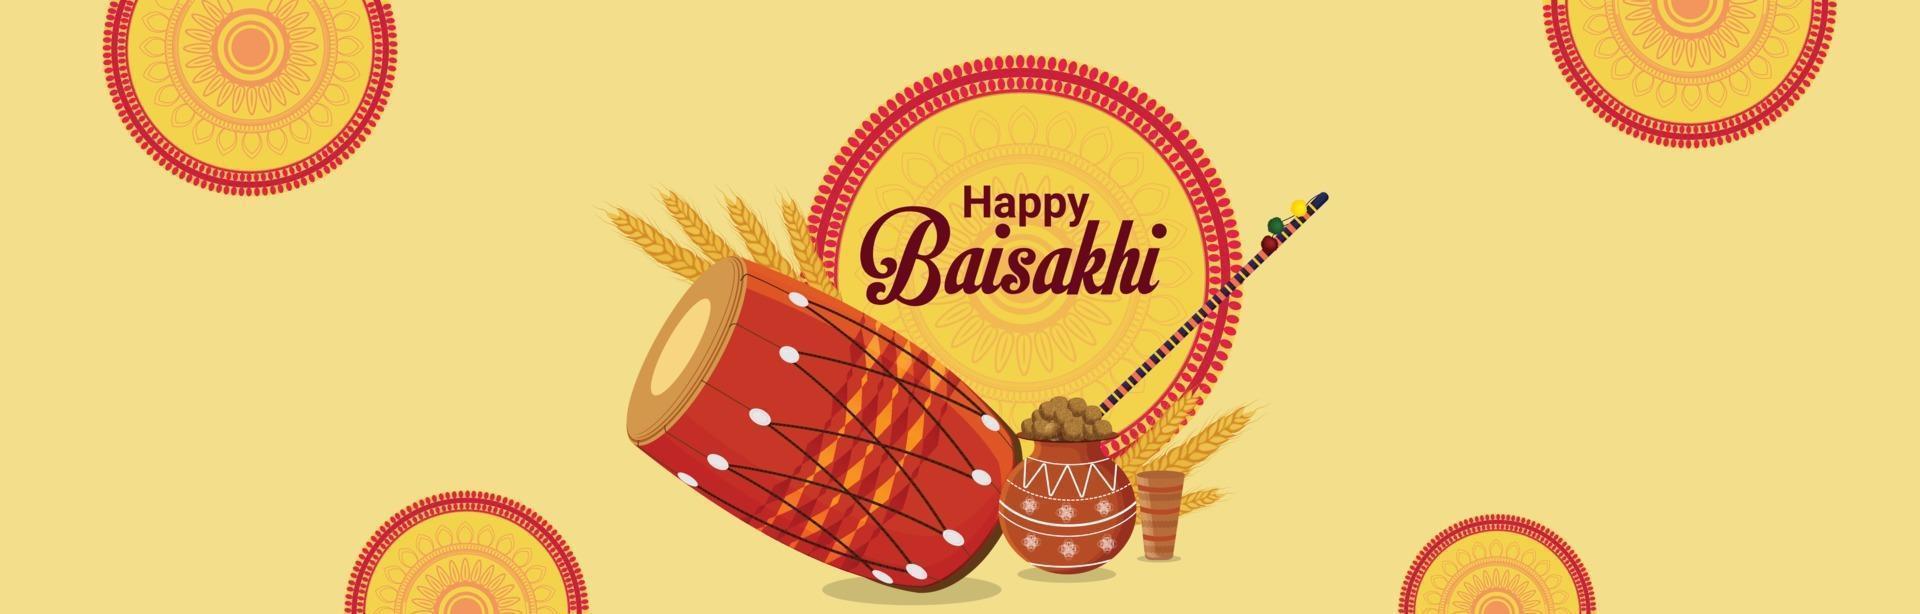 banner de celebración feliz vaisakhi vector